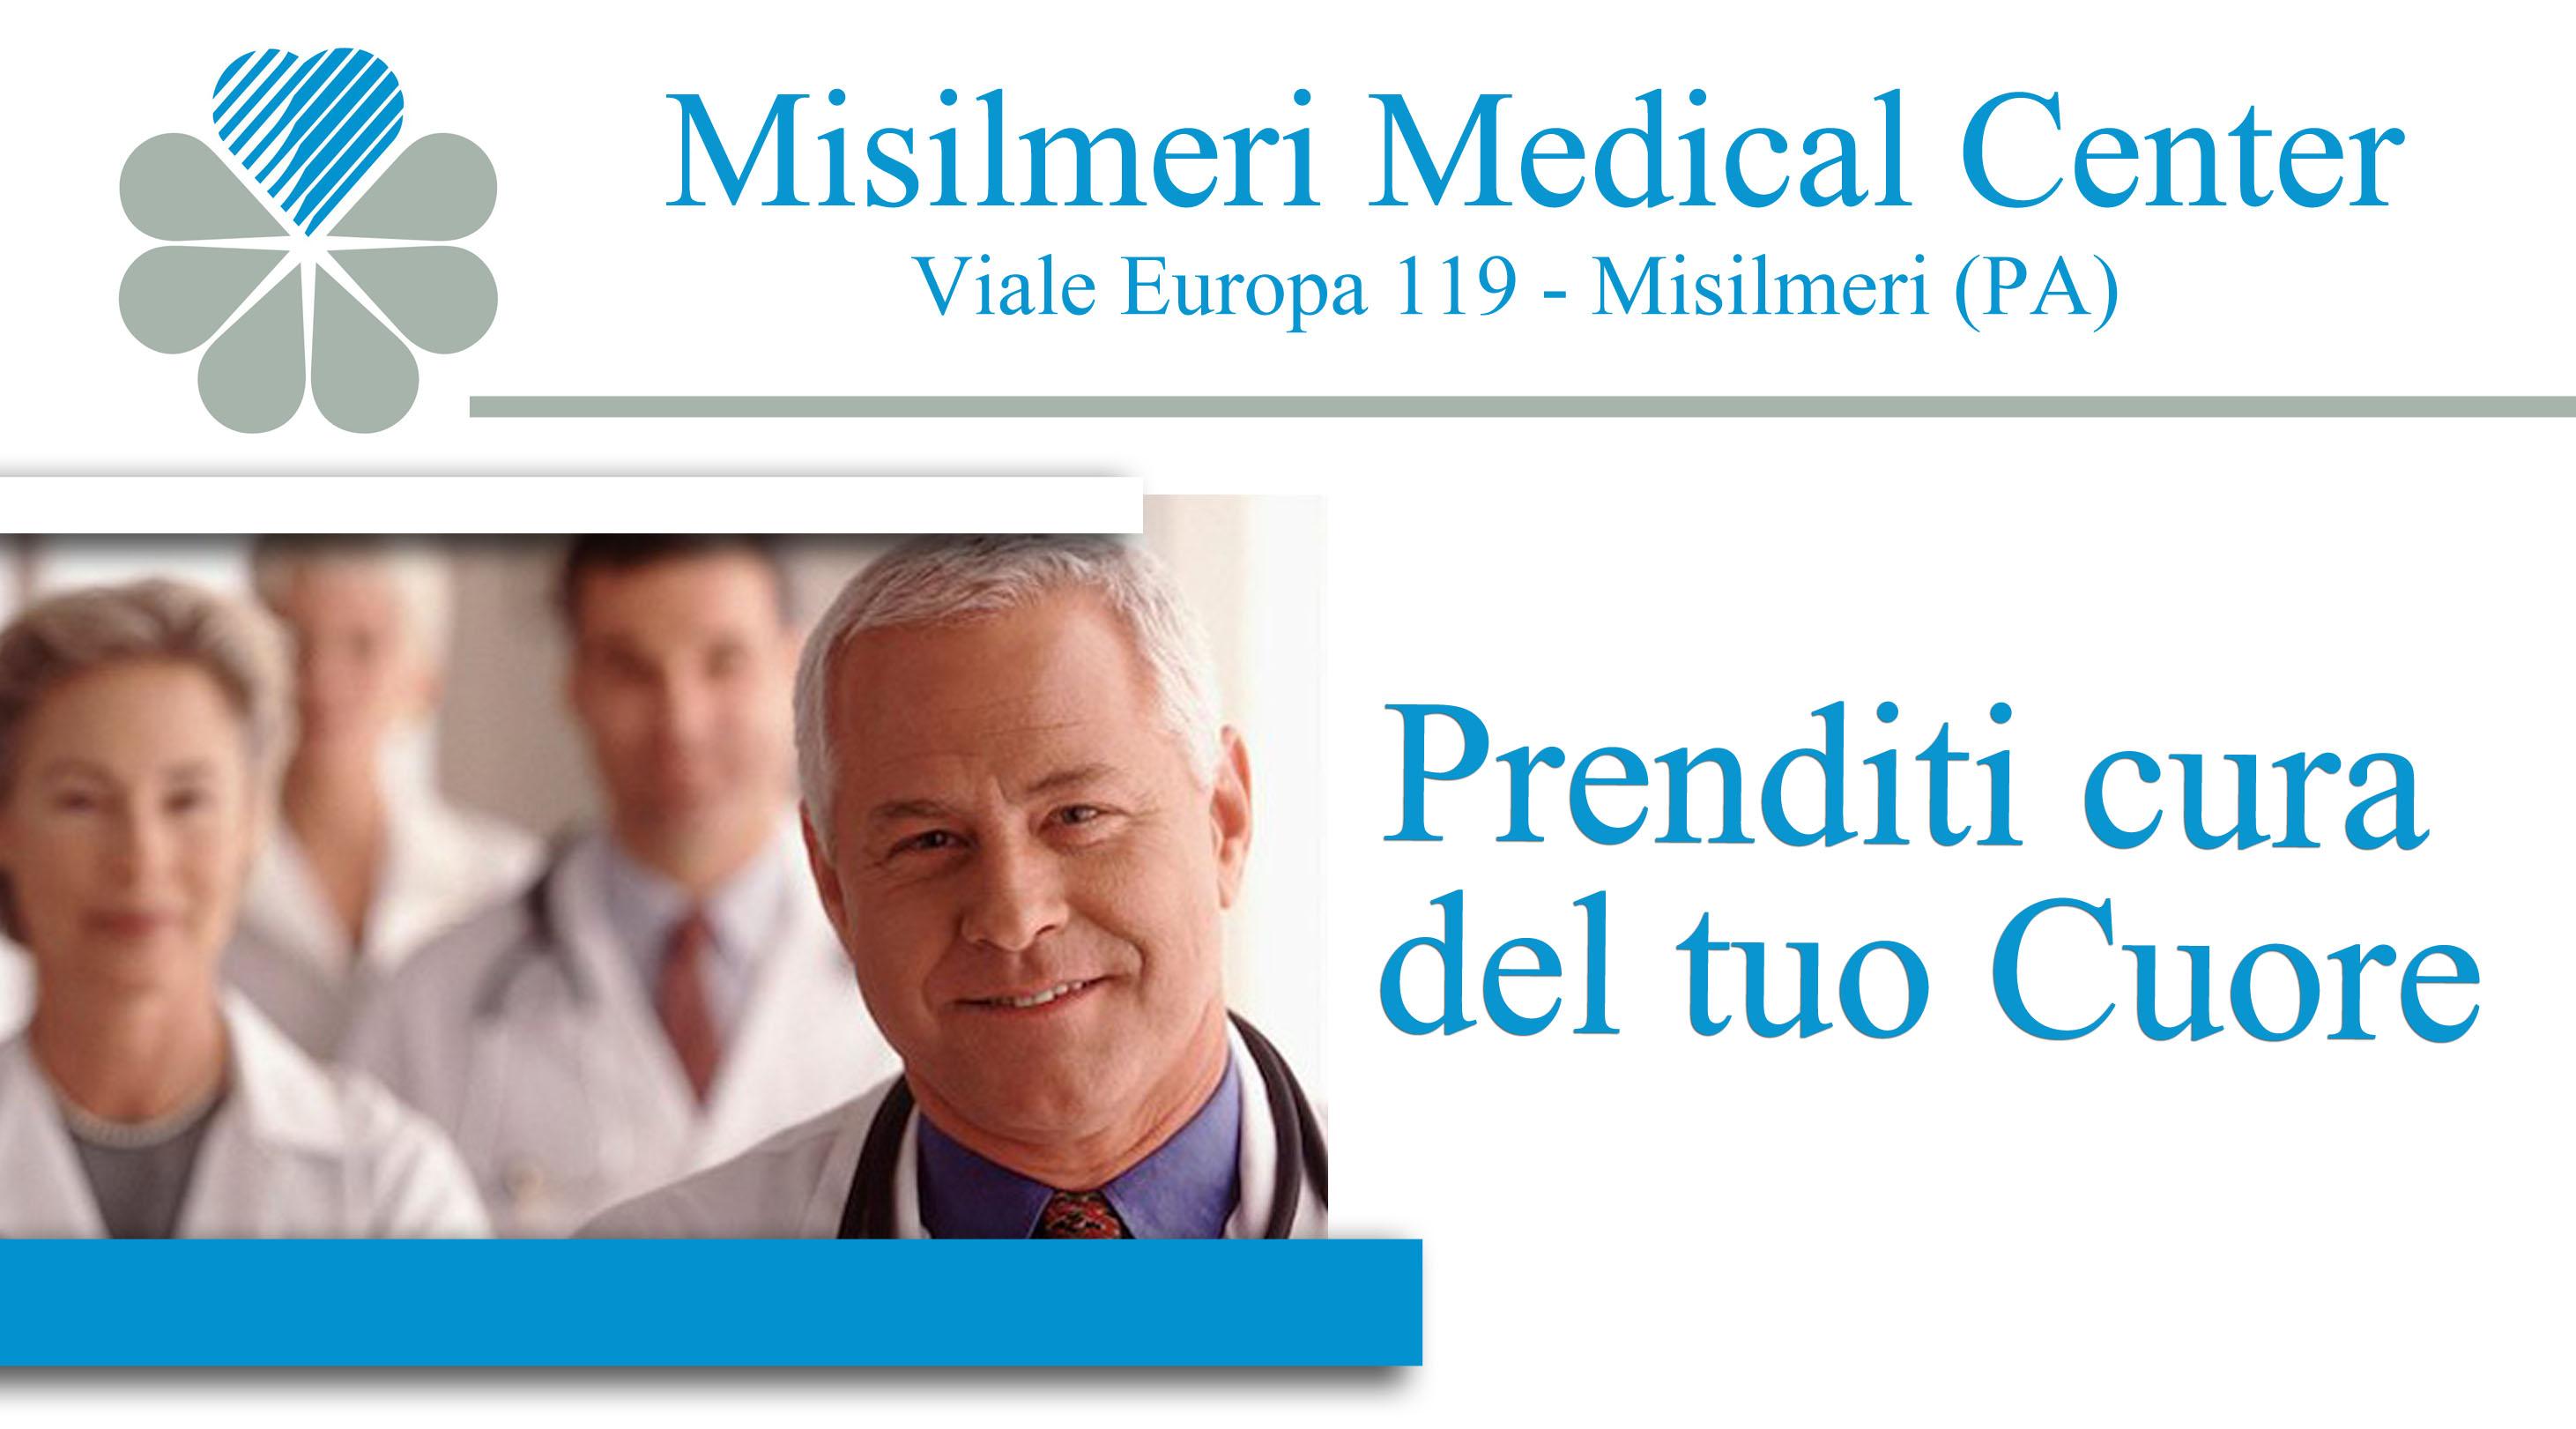 """""""Prenditi cura del tuo Cuore"""", l'iniziativa del Misilmeri Medical Center"""